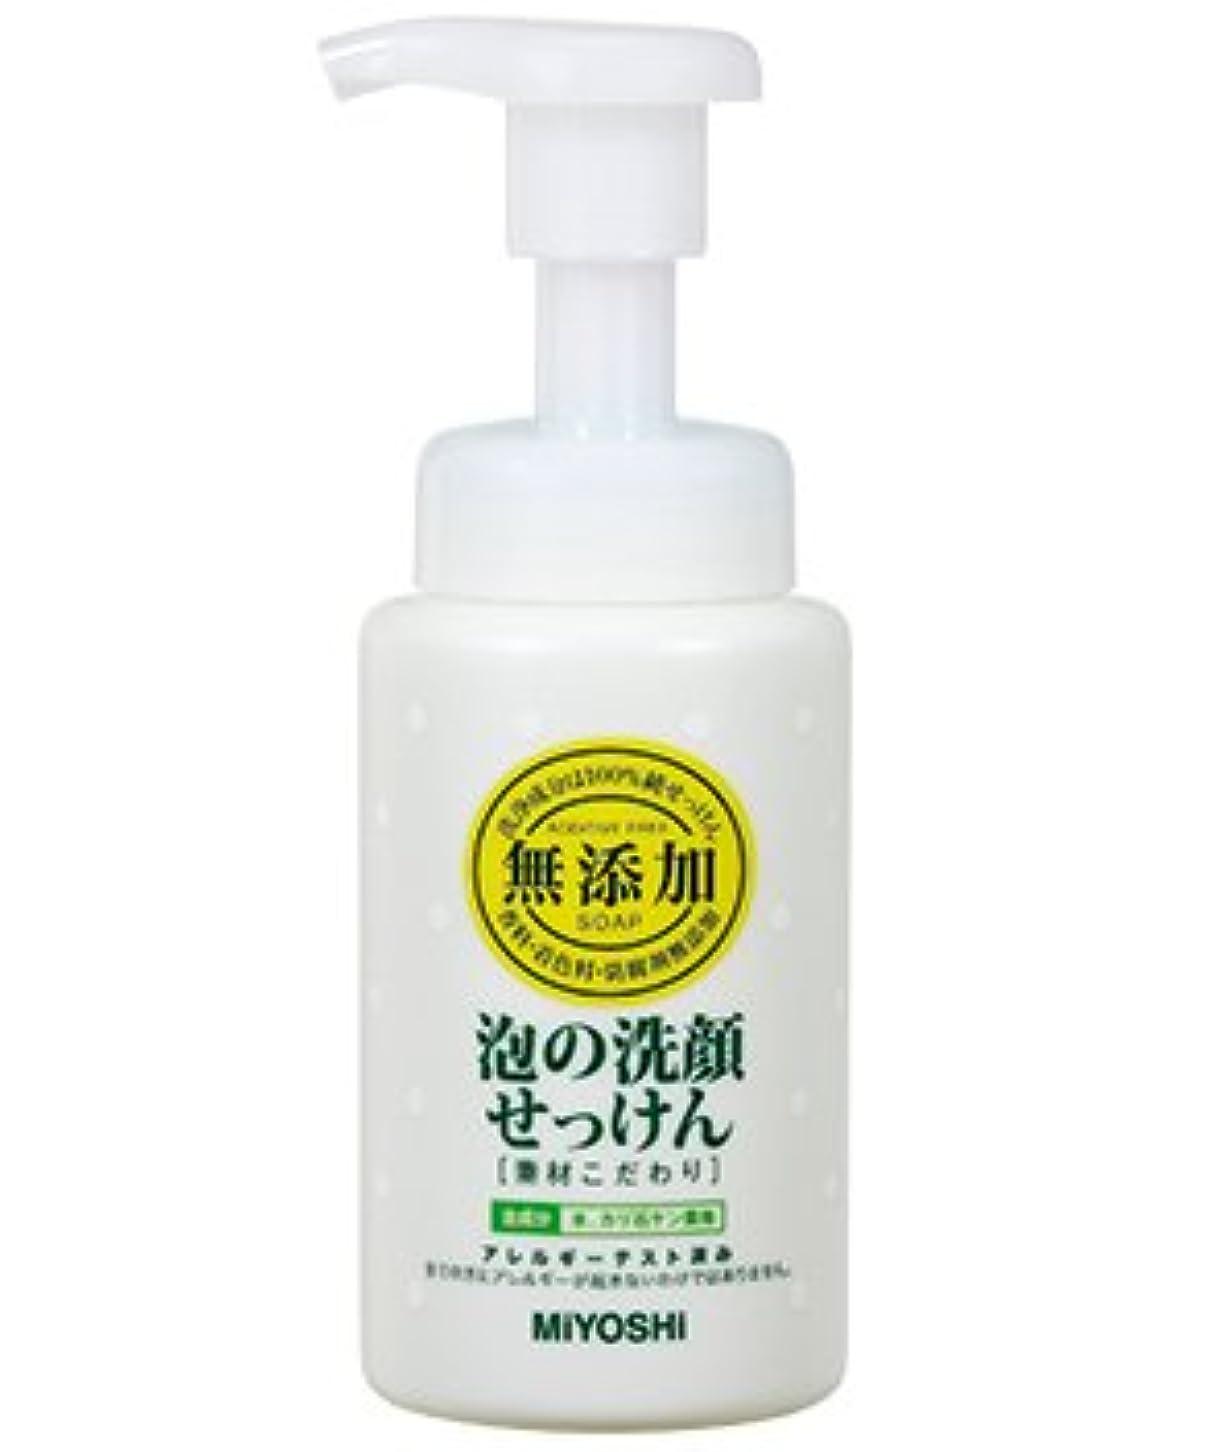 犯罪もろい拒絶するミヨシ石鹸 無添加 泡の洗顔せっけん 200ml 合成界面活性剤はもちろん、香料、着色料、防腐剤などは一切加えていません×24点セット (4537130102022)